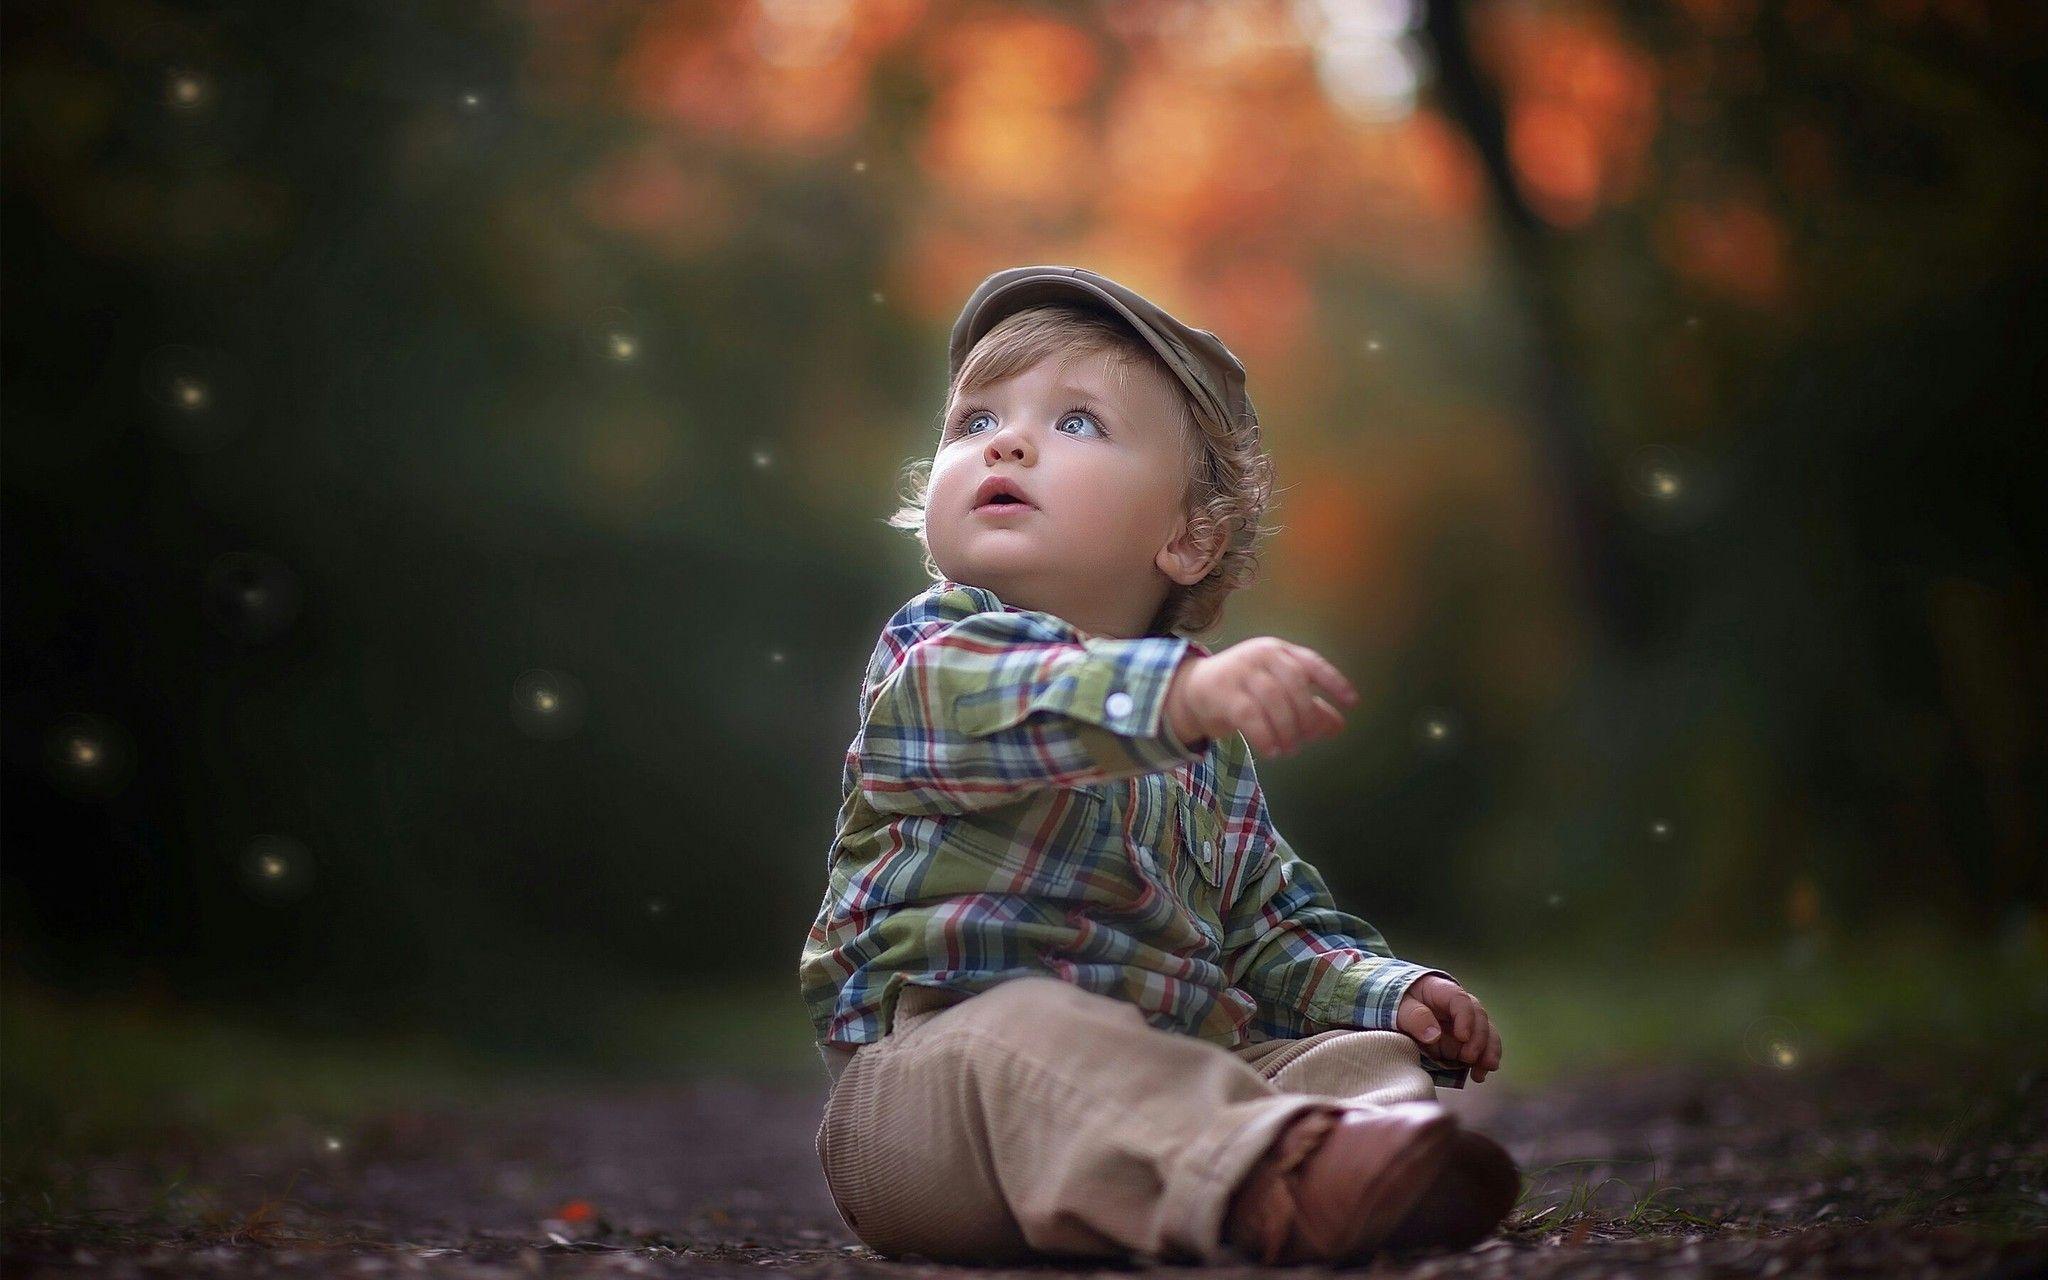 صور أطفال جميلة أفضل صور أطفال 2021 Baby Pictures Hd Baby Girl Wallpaper Cute Baby Wallpaper